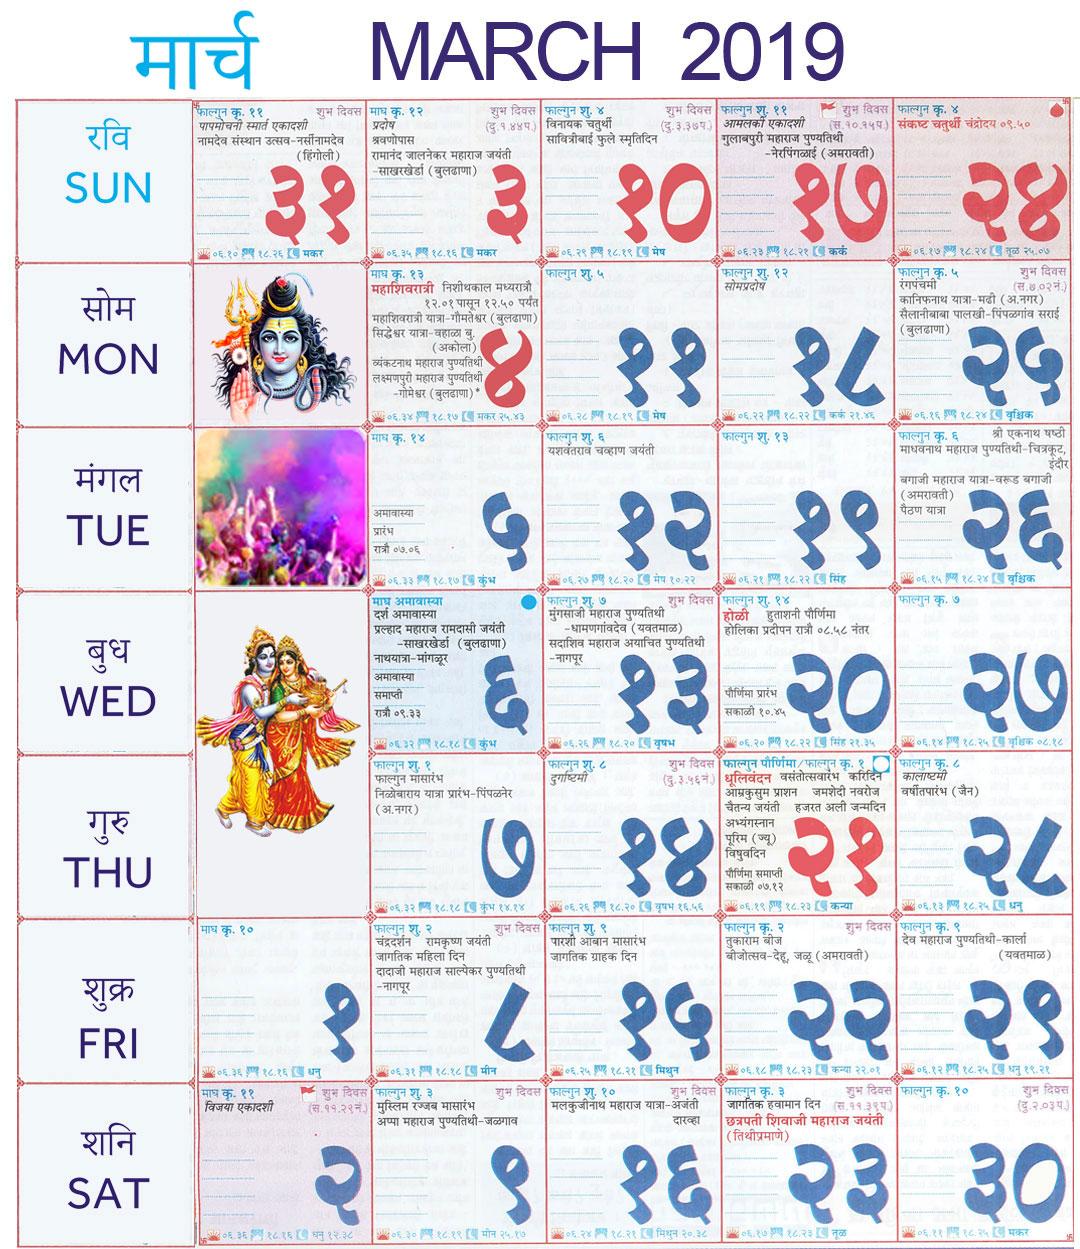 March 2019 Marathi Calendar